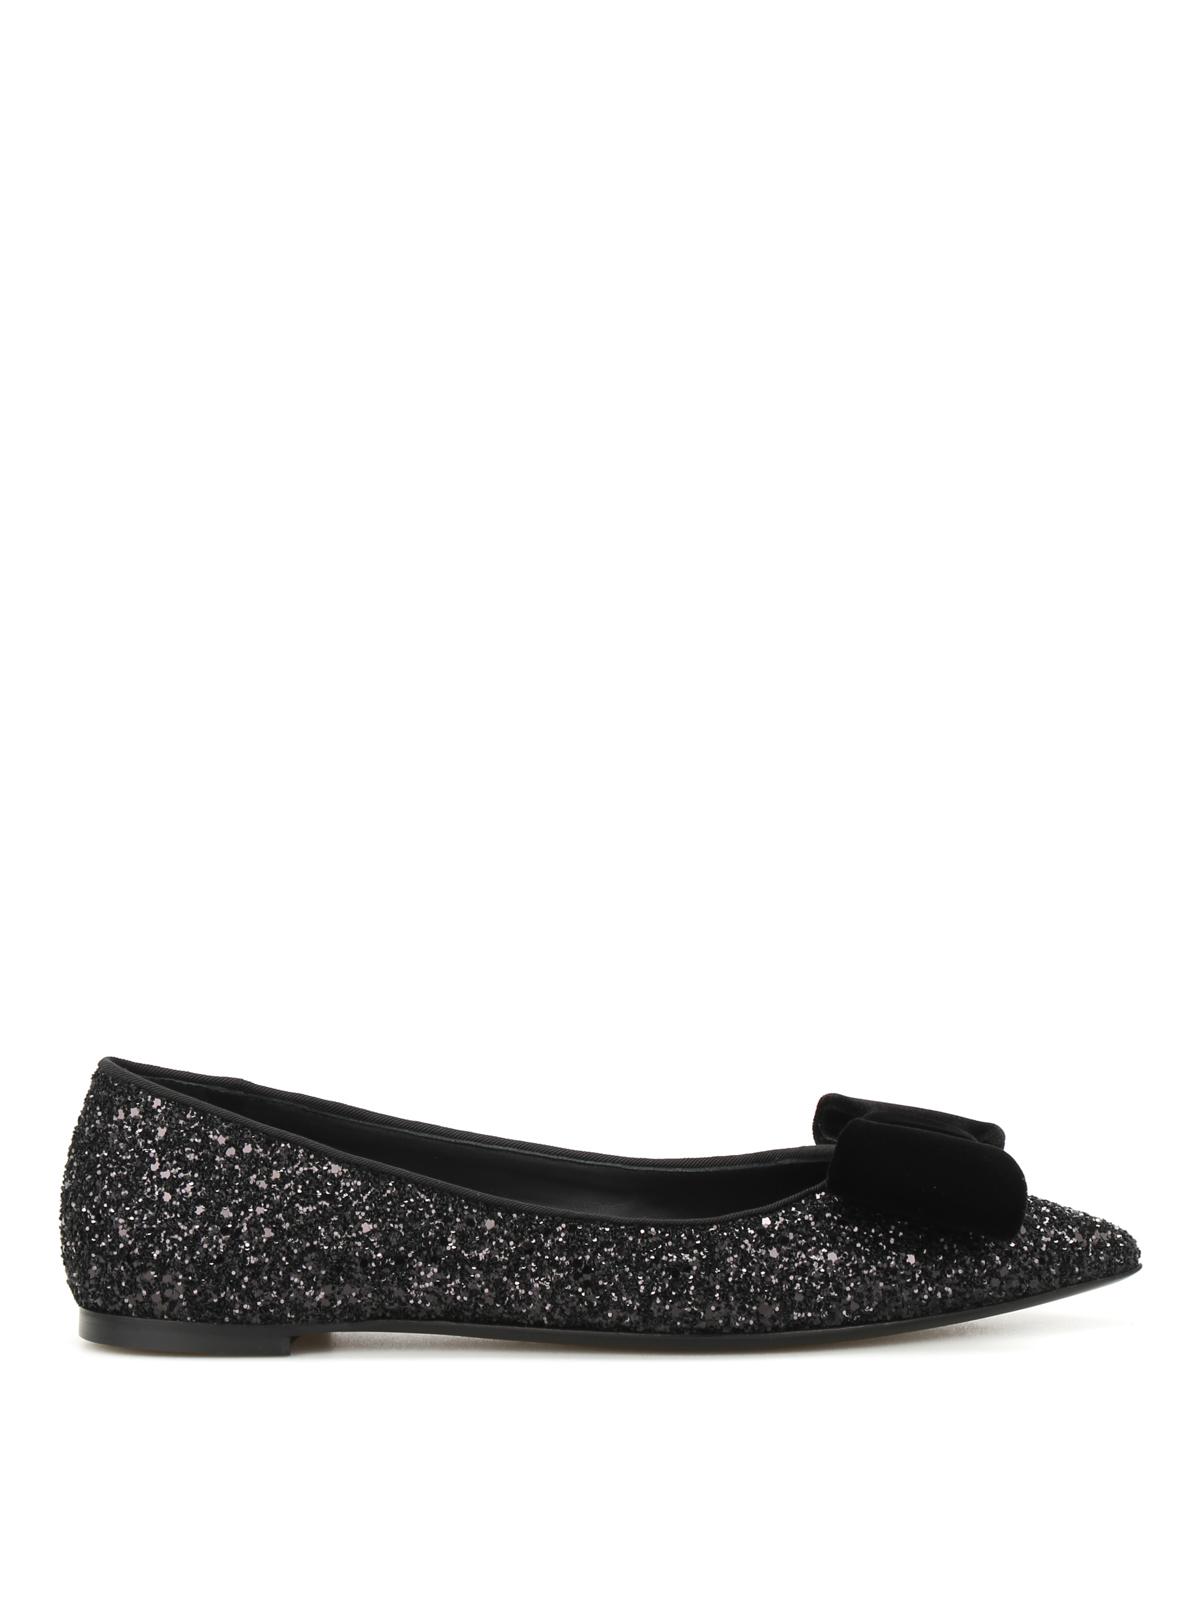 Lucrezia Glittered Flats By Giuseppe Zanotti - Flat Shoes ...